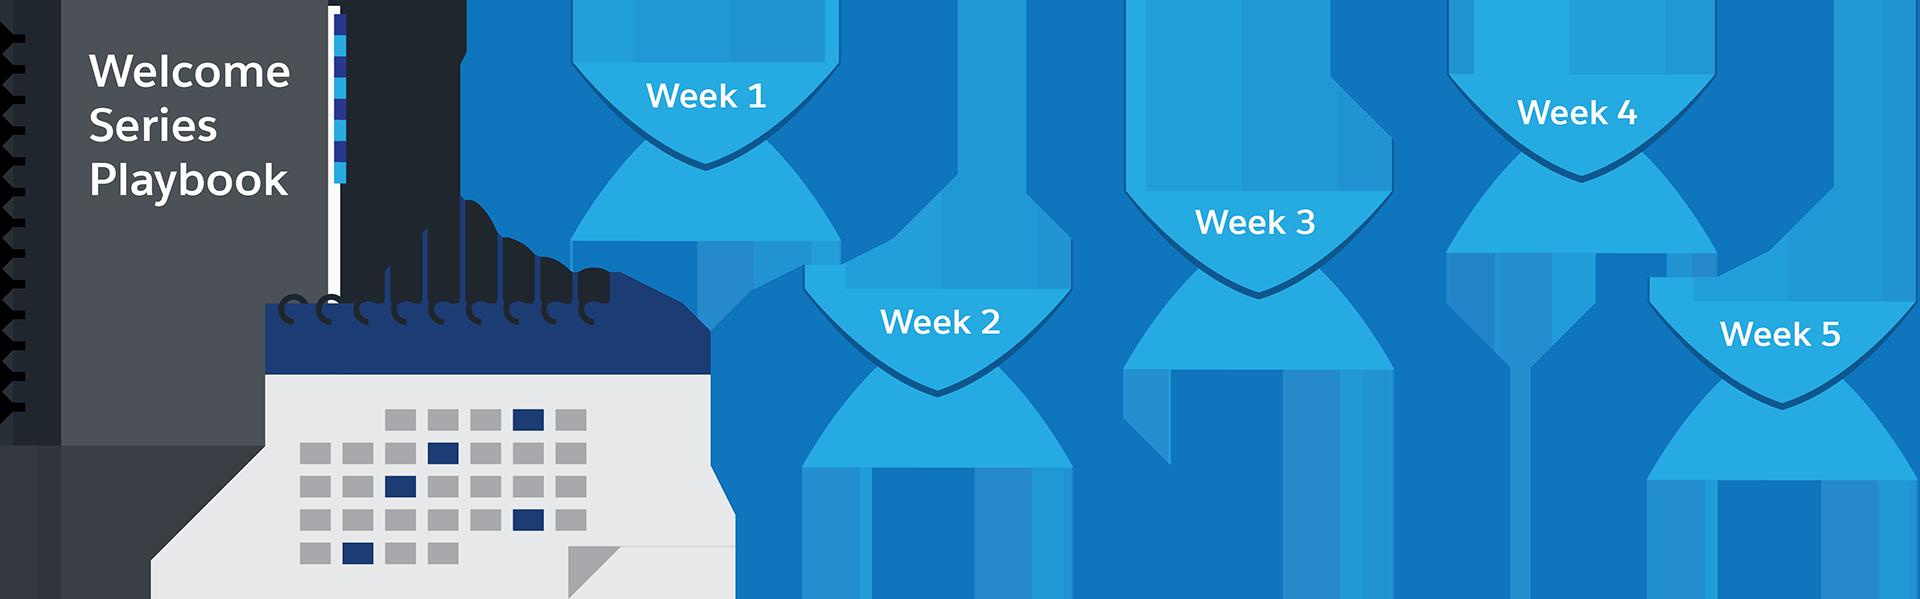 Calendrier, livre et e-mails, créant une série d'e-mails de bienvenue envoyés à différents moments.